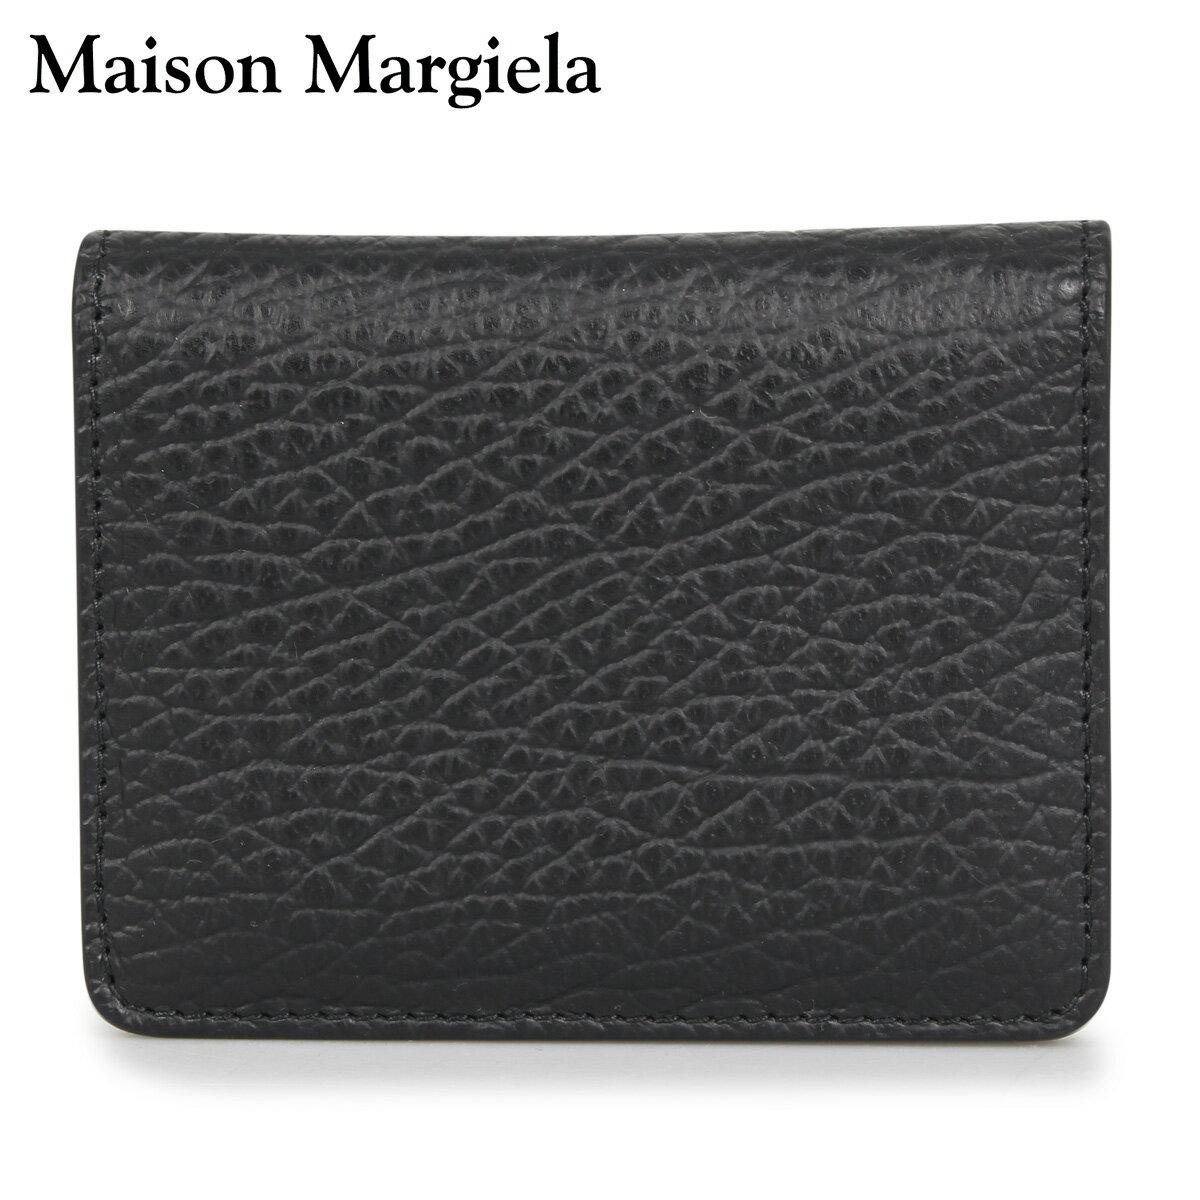 財布・ケース, 定期入れ・パスケース  MAISON MARGIELA ID CARD CASE S56UI0128